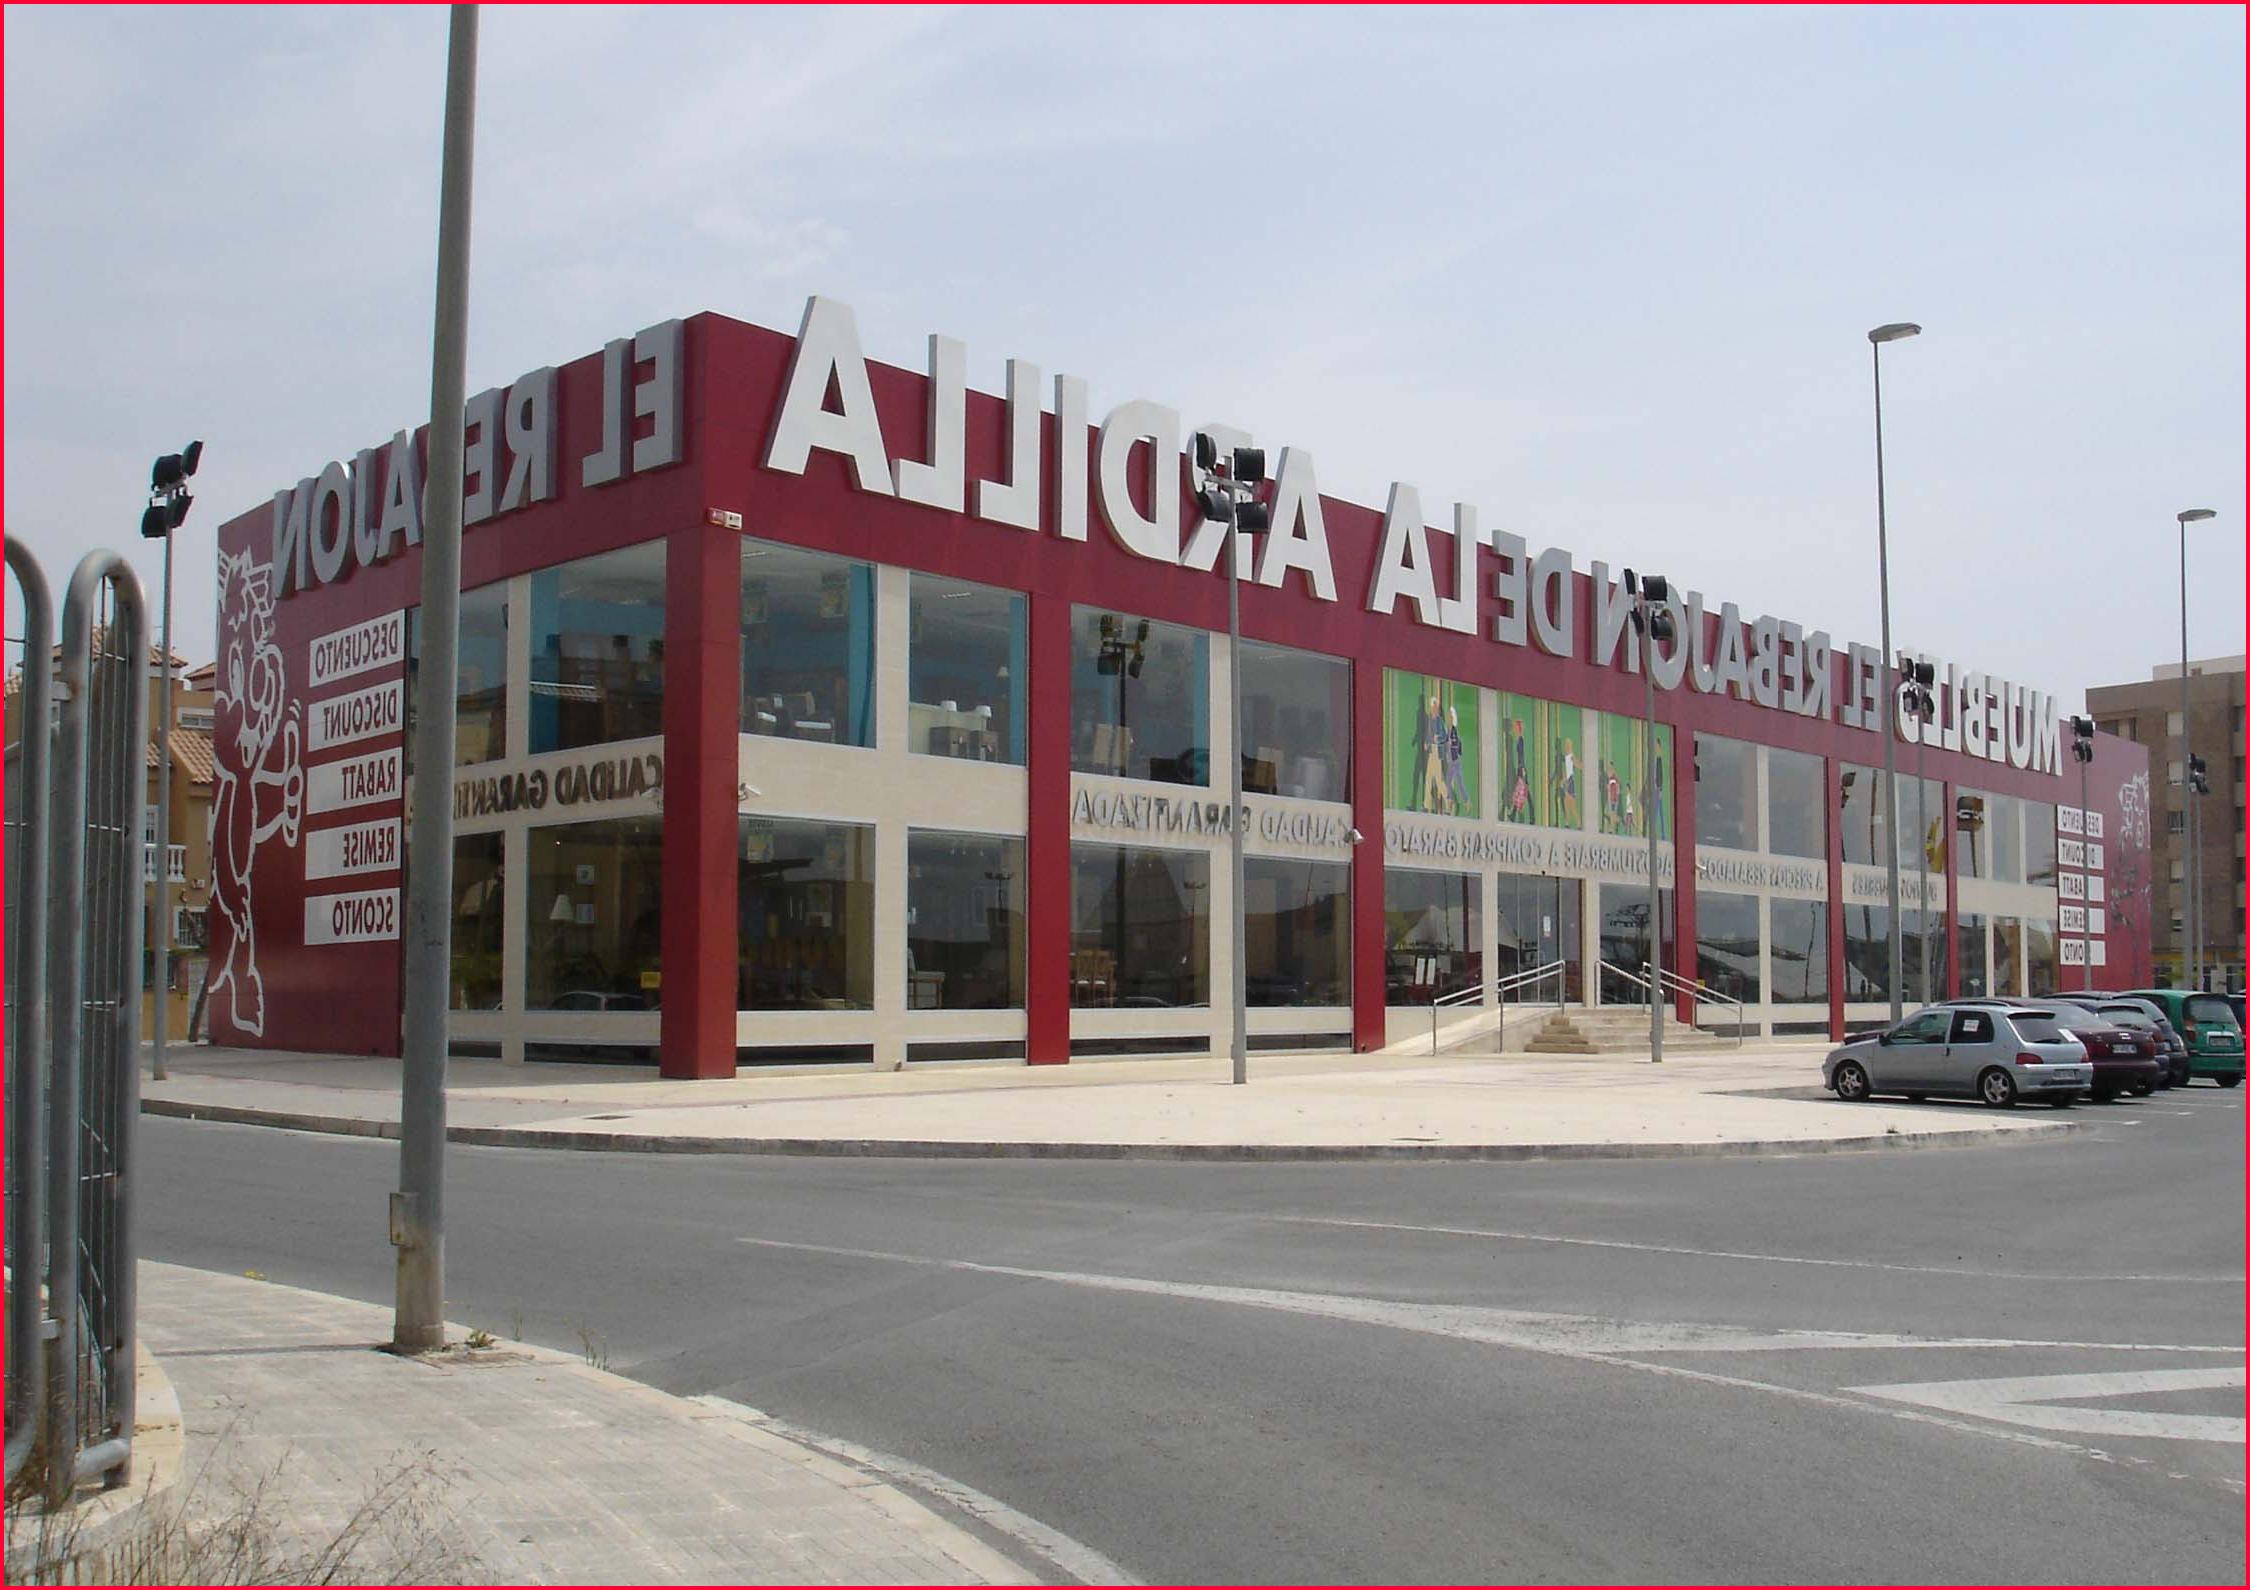 Tiendas Muebles Alicante Wddj Tiendas Muebles Alicante Pra Tu sofà En San Juan De Alicante